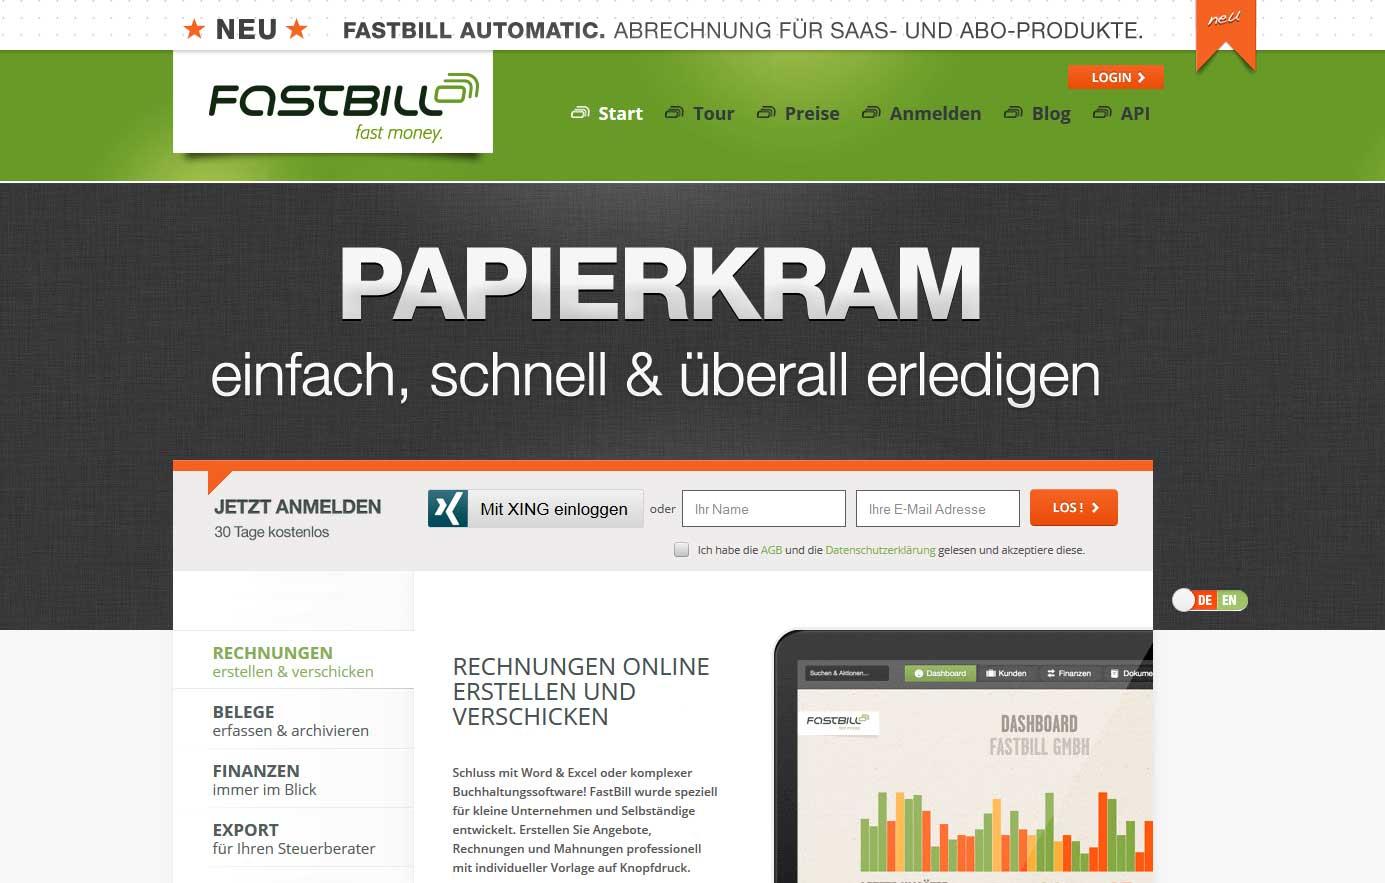 Screenshot der Startseite des Rechnungsprogramms FastBill